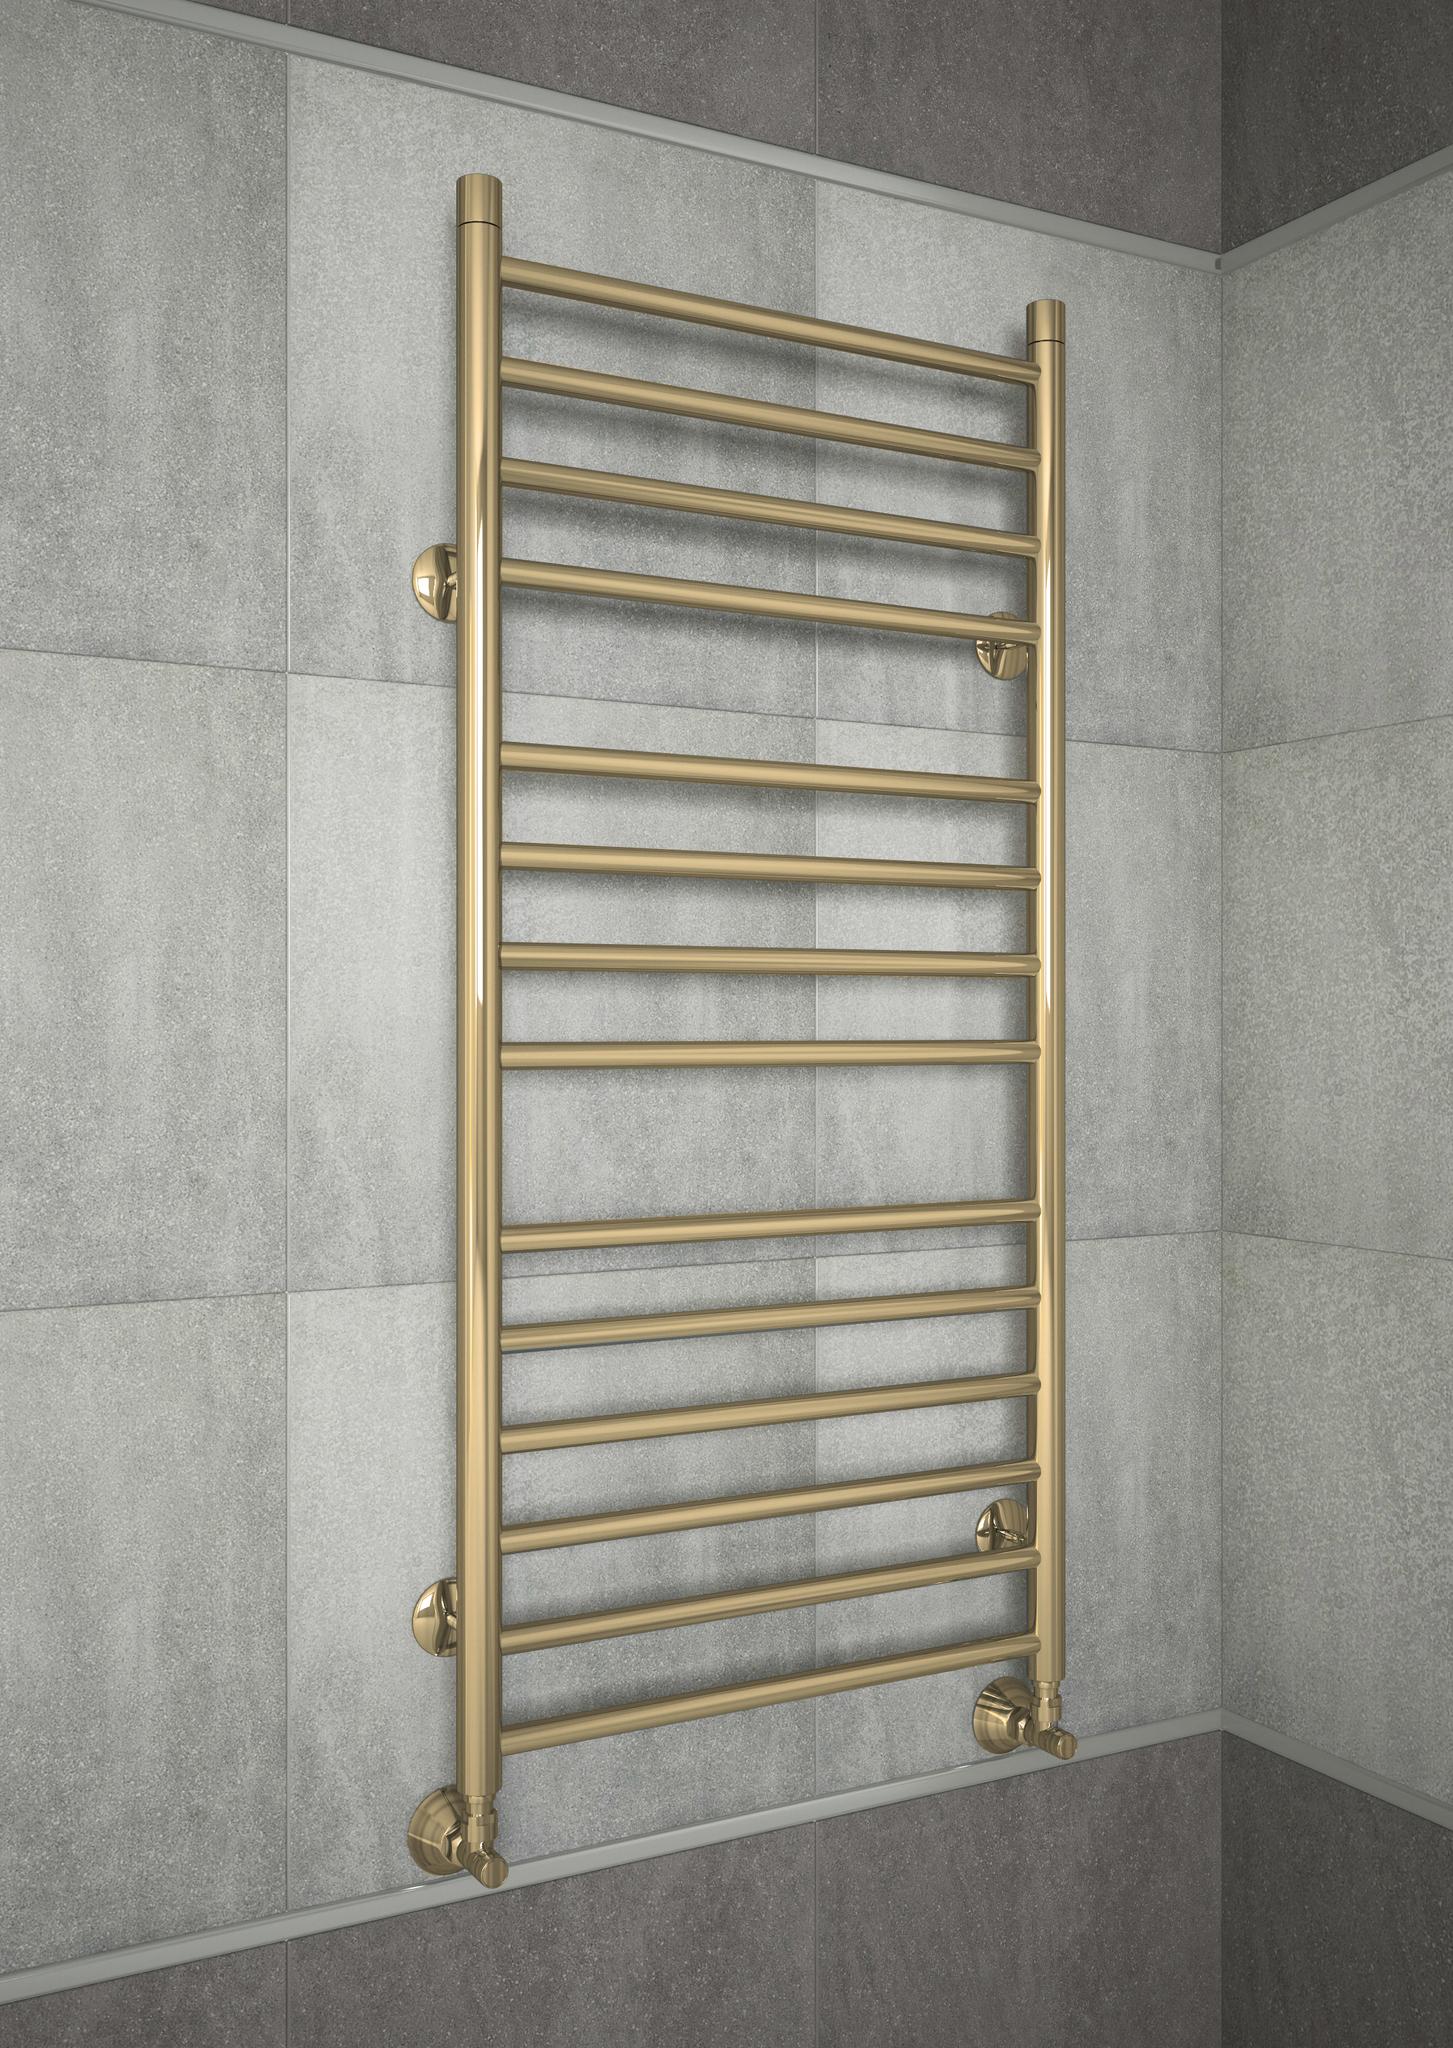 Avrora E- бронзовый электрический полотенцесушитель из нержавеющей стали.